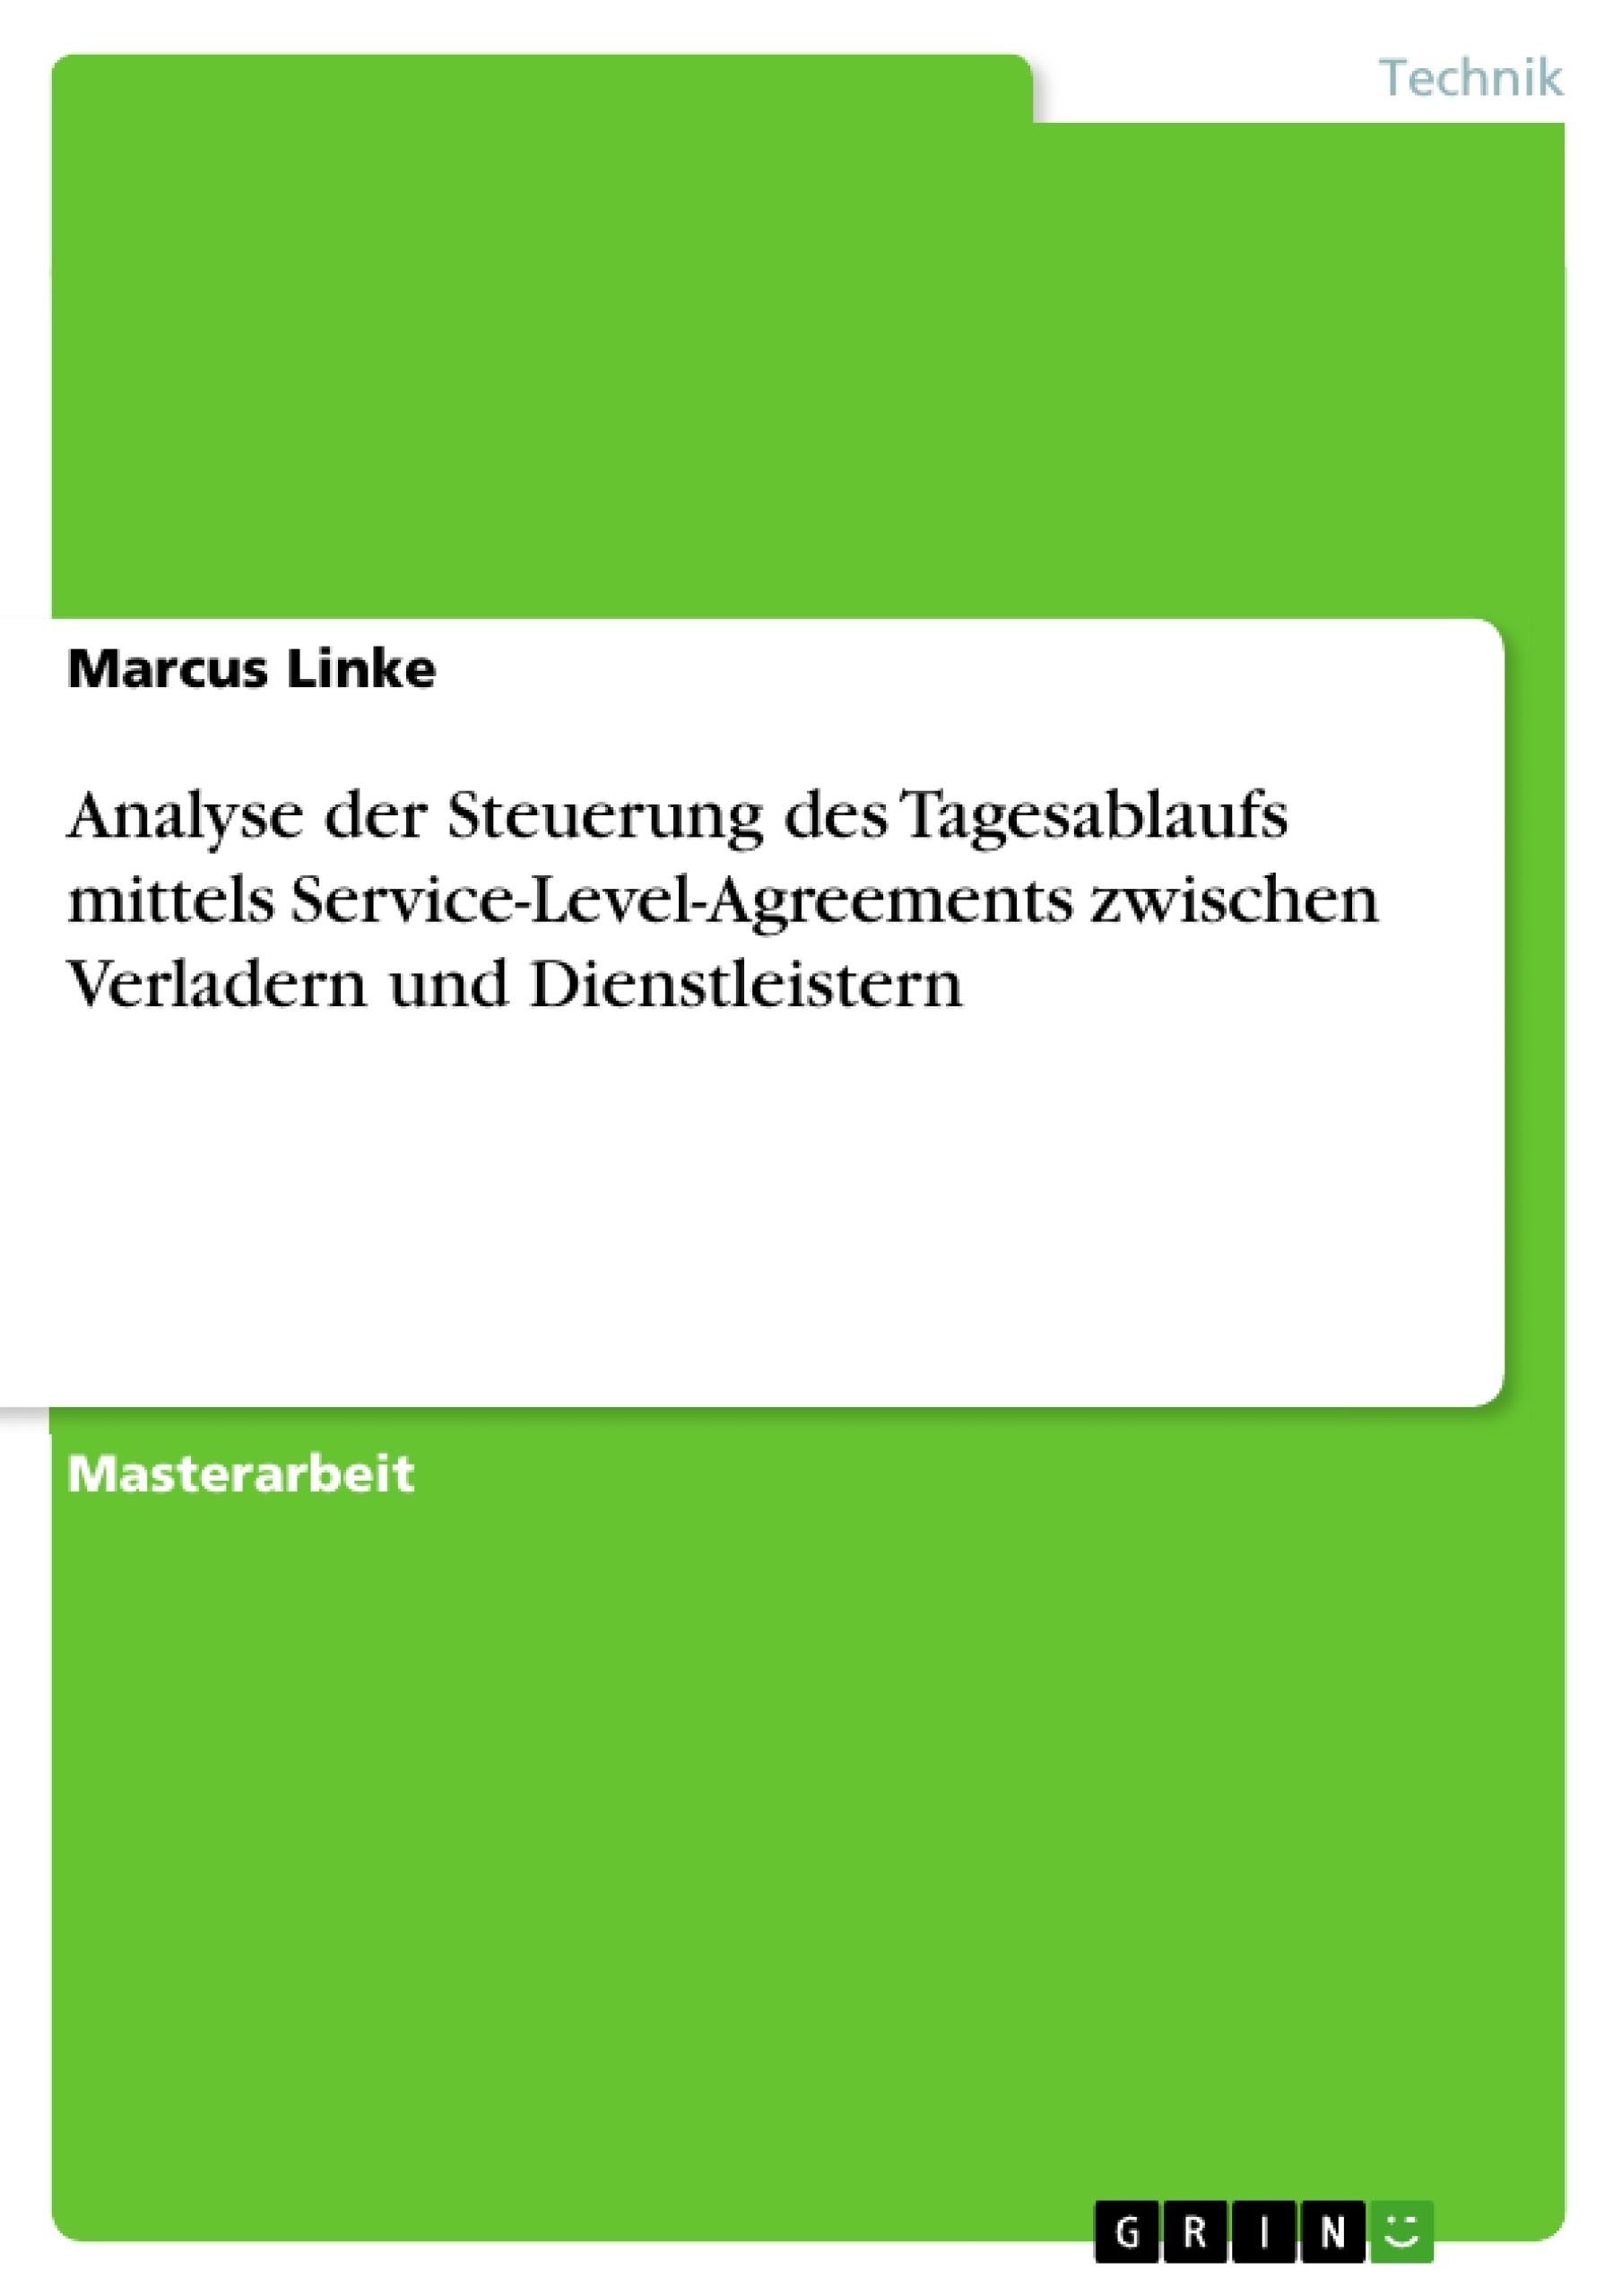 Titel: Analyse der Steuerung des Tagesablaufs mittels Service-Level-Agreements zwischen Verladern und Dienstleistern